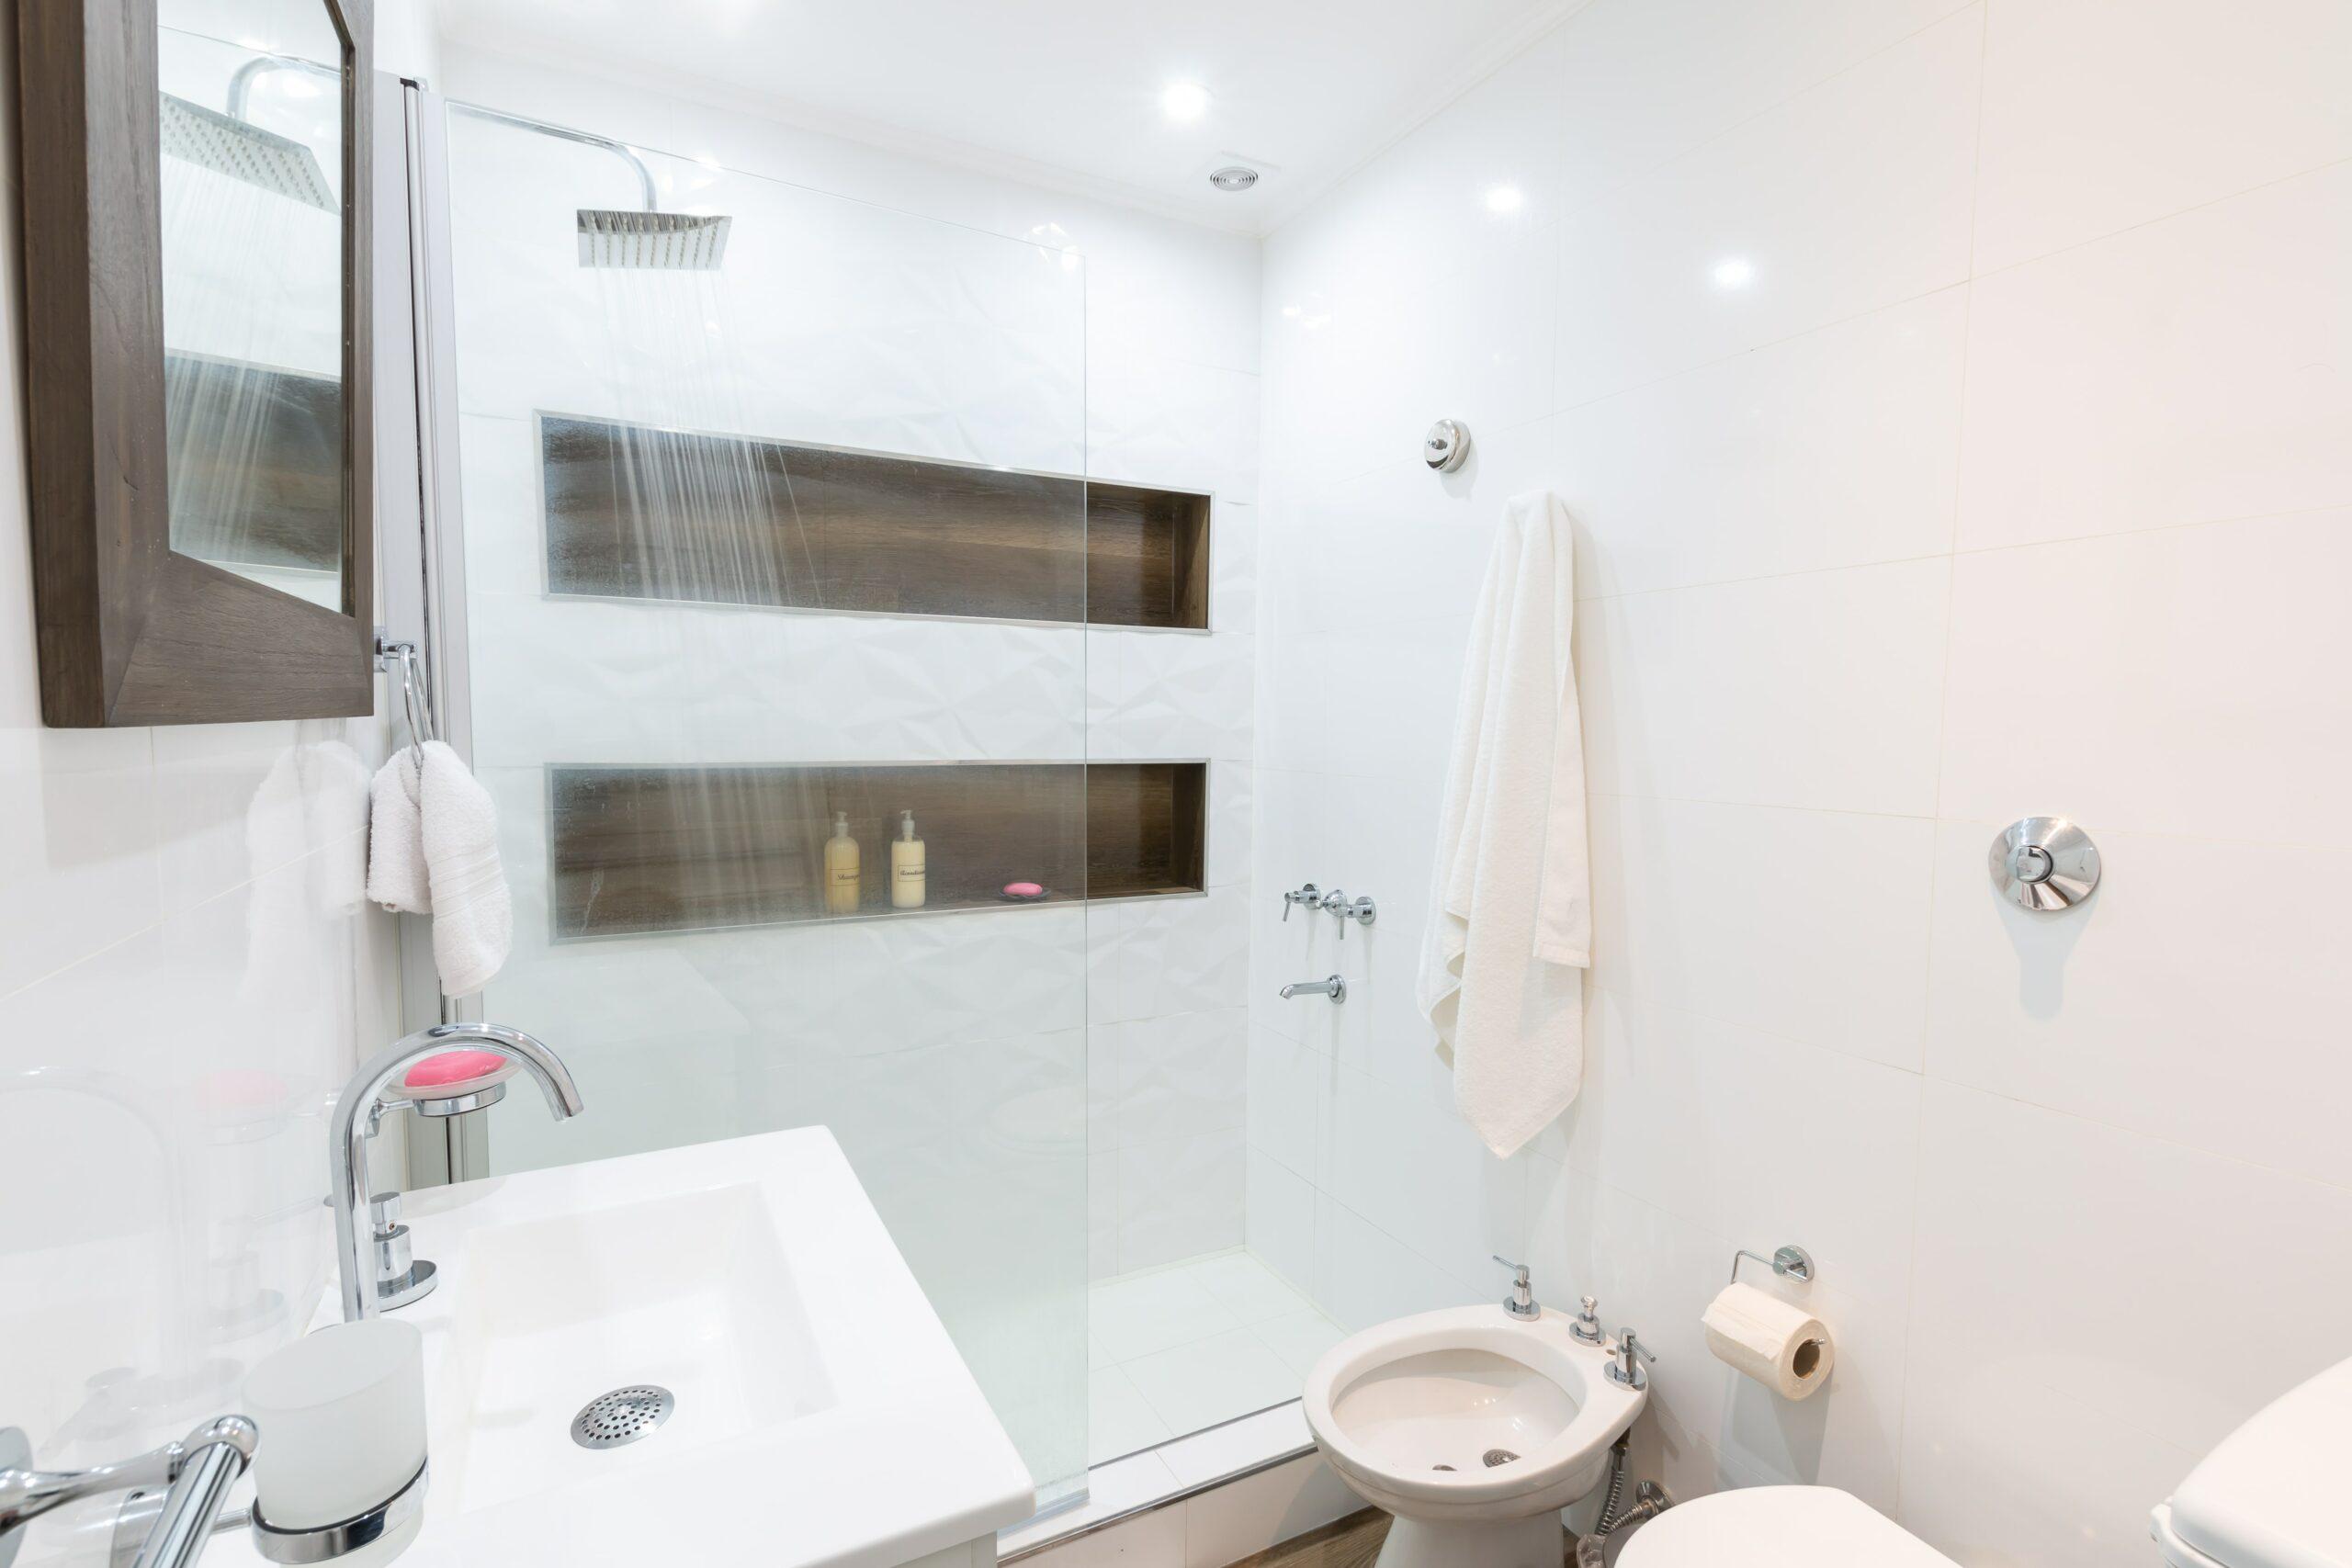 Ventajas de una mampara de baño con tratamiento anti-cal